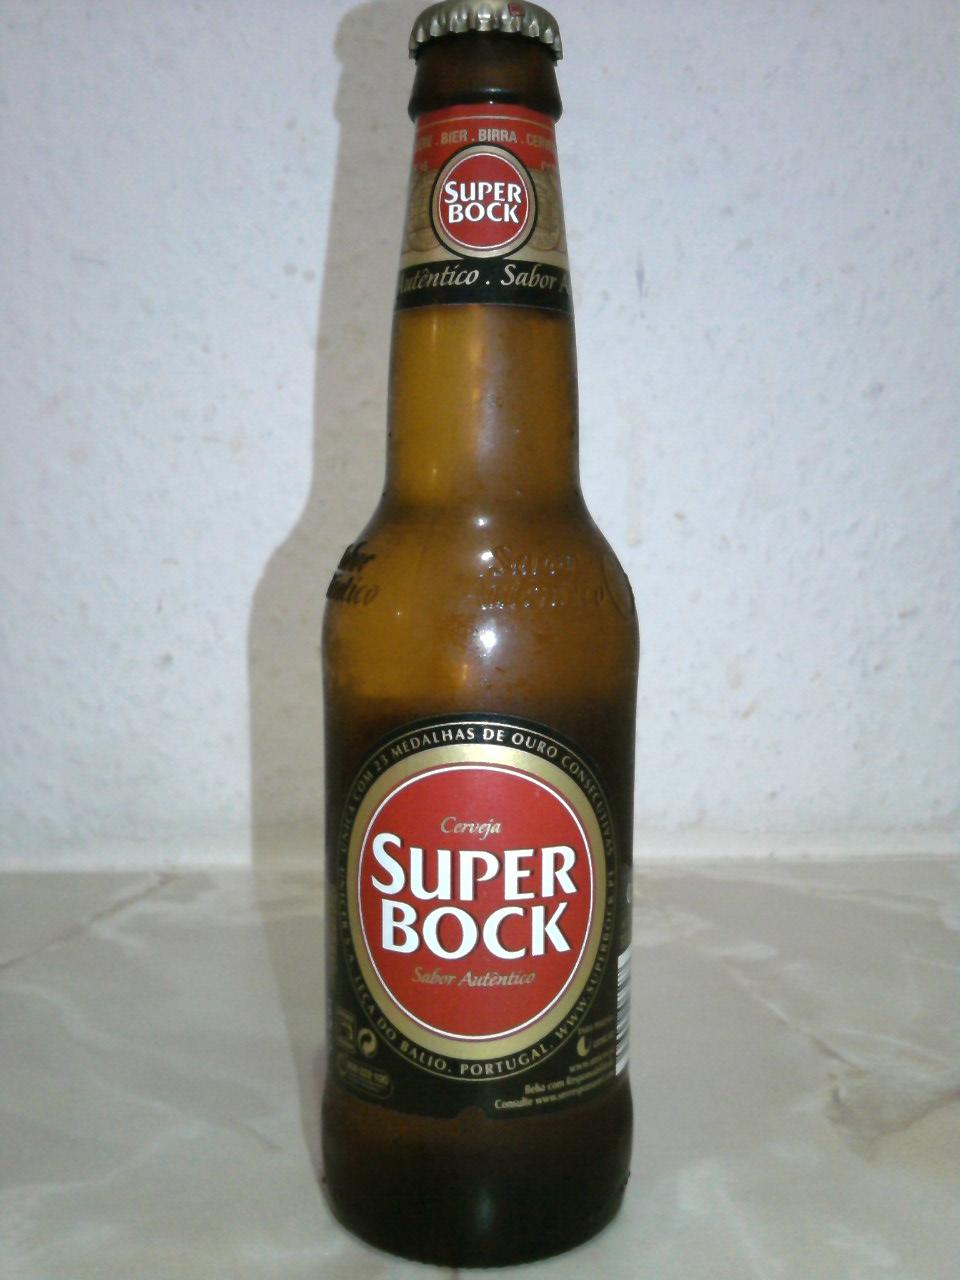 Super Bock bottle